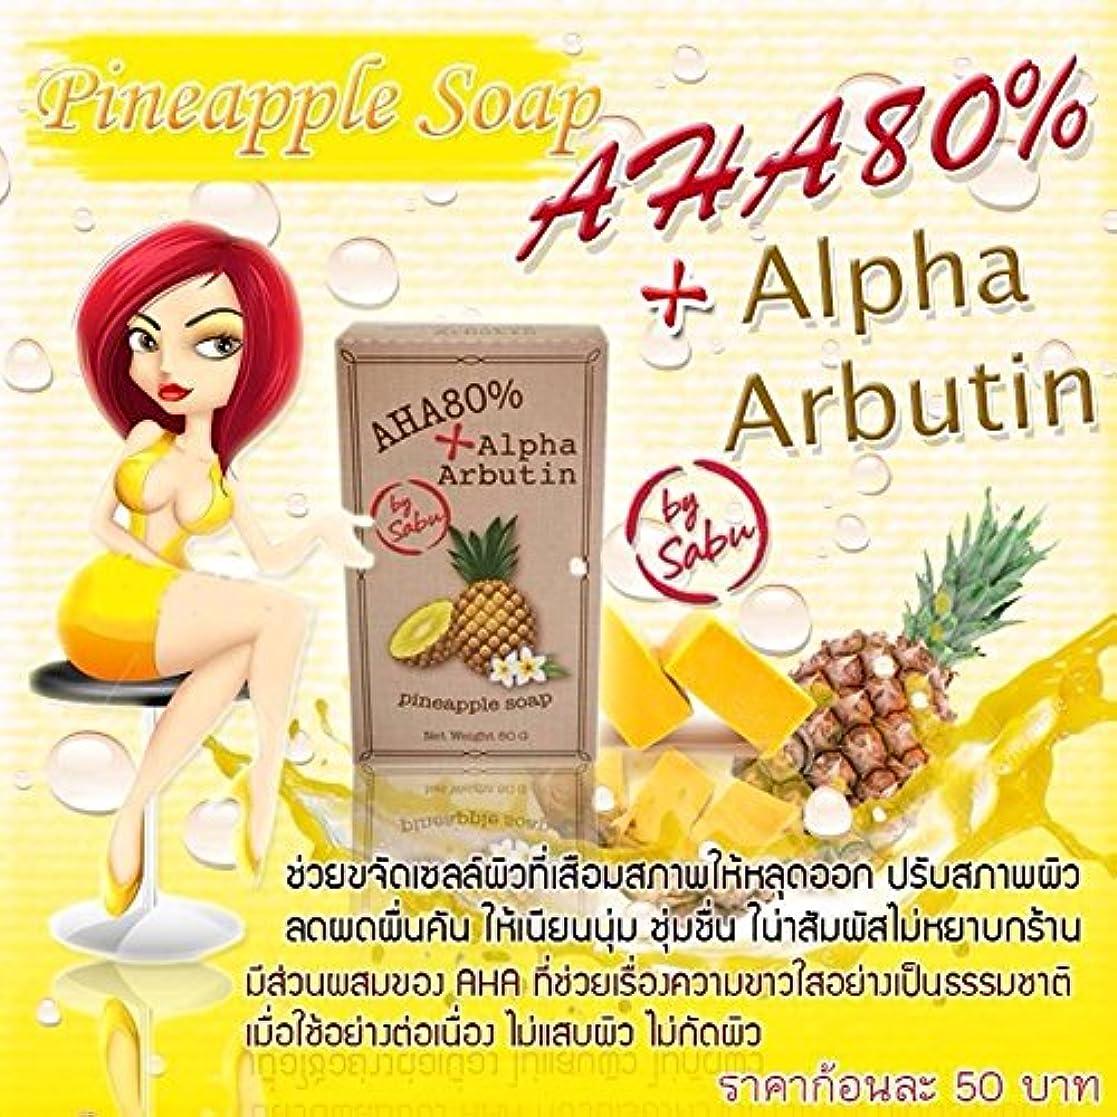 ギャングエレメンタルささいな1 X Natural Herbal Whitening Soap.Alpha-Arbutin Pineapple AHA 80%. The skin whitening process is rapid. 80 g....